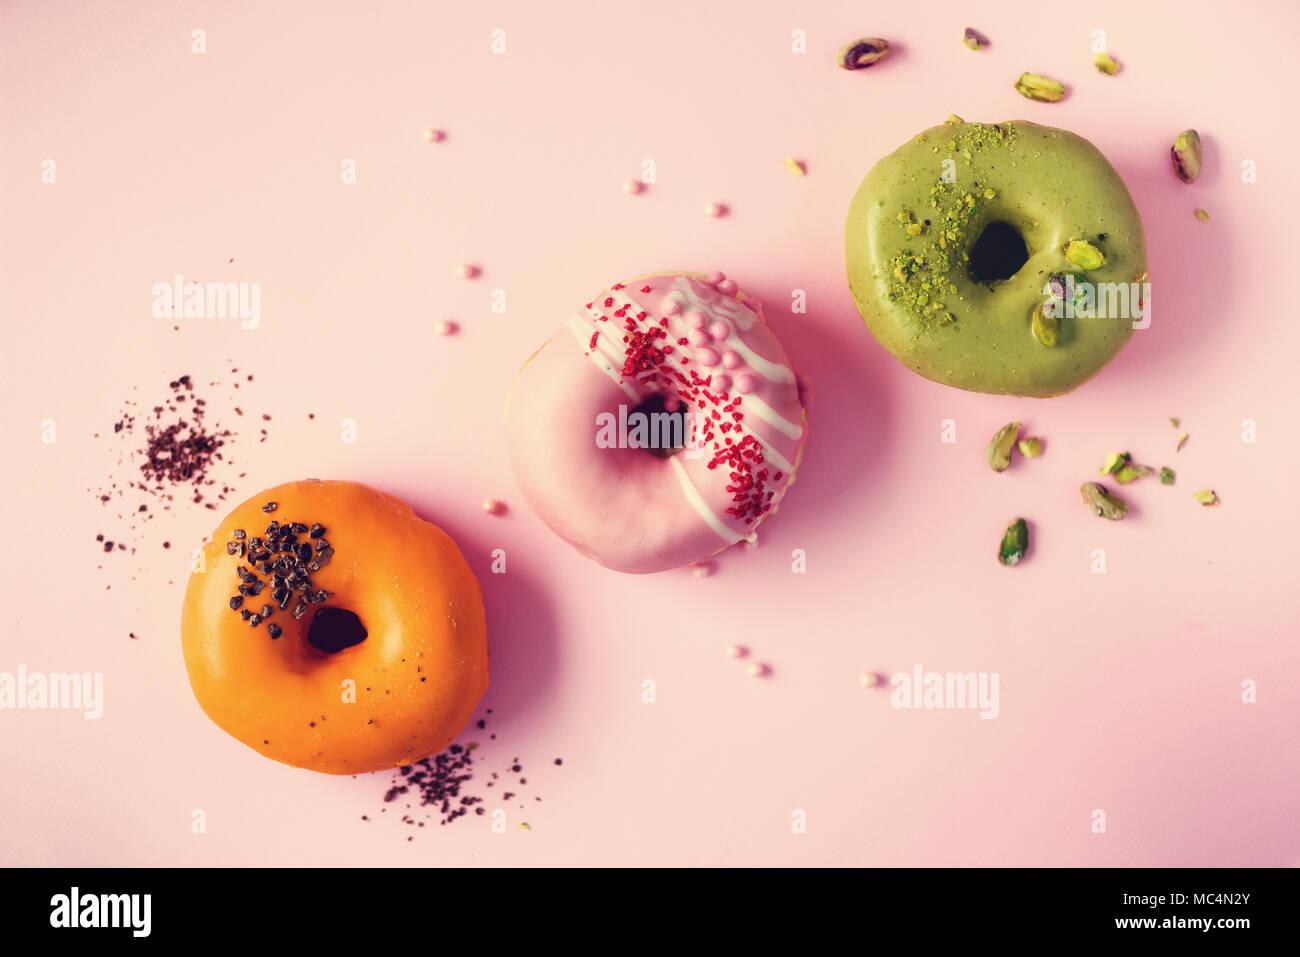 Ciambelle Colorate Con Ciliegina Sulla Rosa Pastello Sfondo Arancio